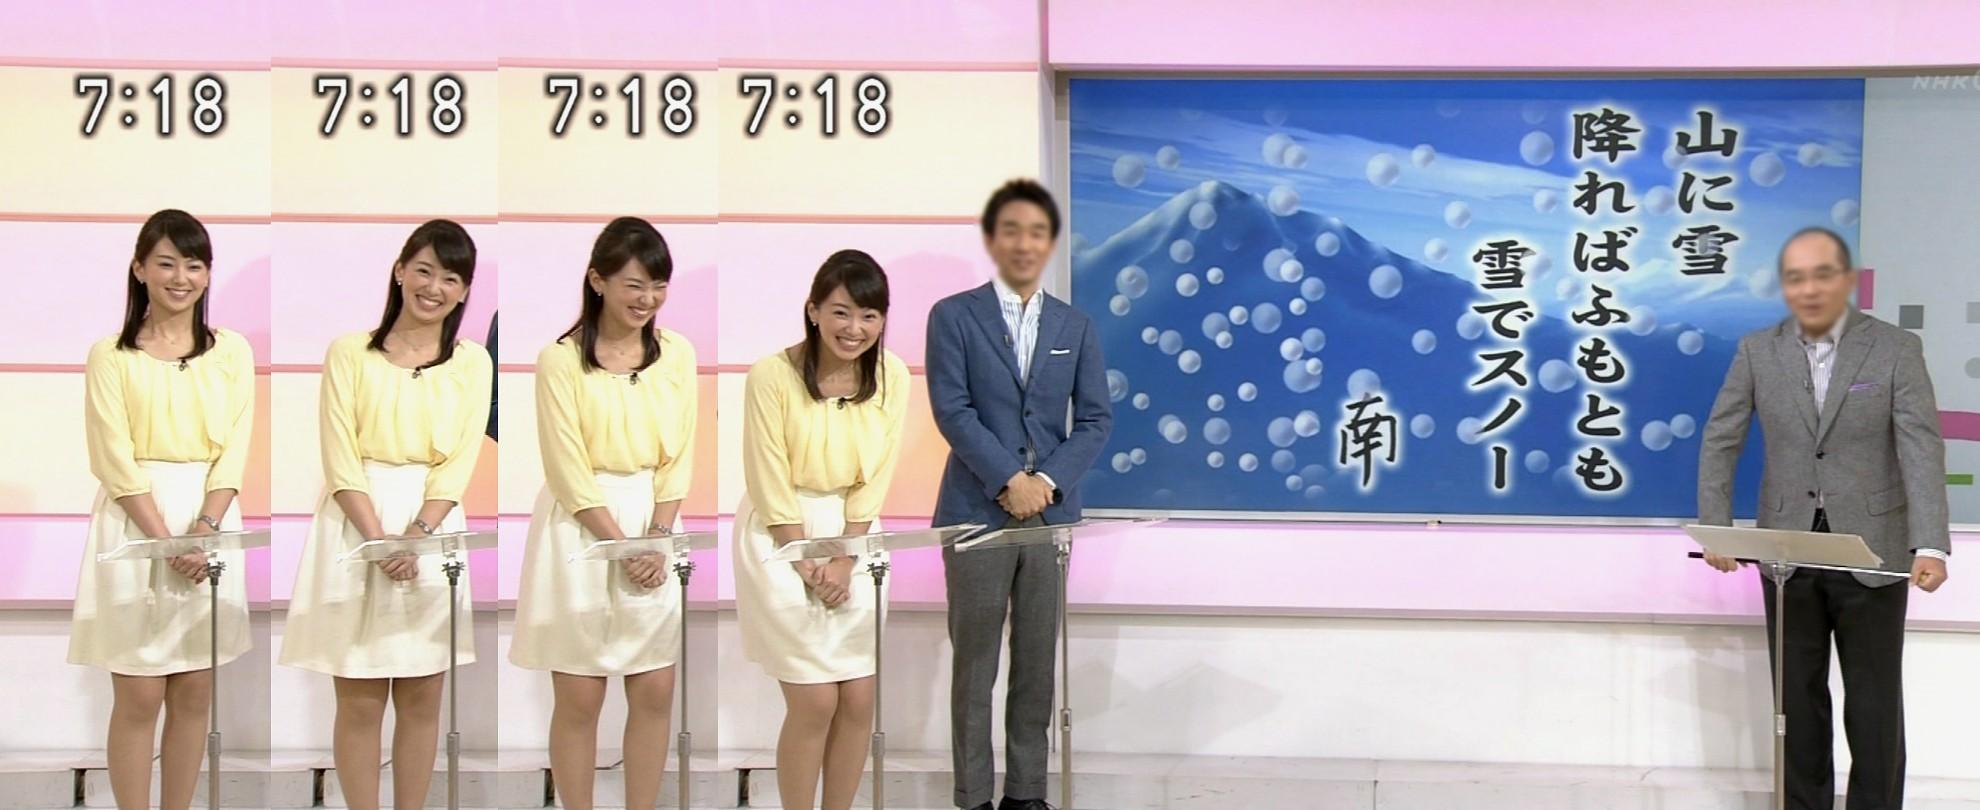 ... 麻由子 ☆ おはよう日本~NHK : 日本の平野の名前 : 日本